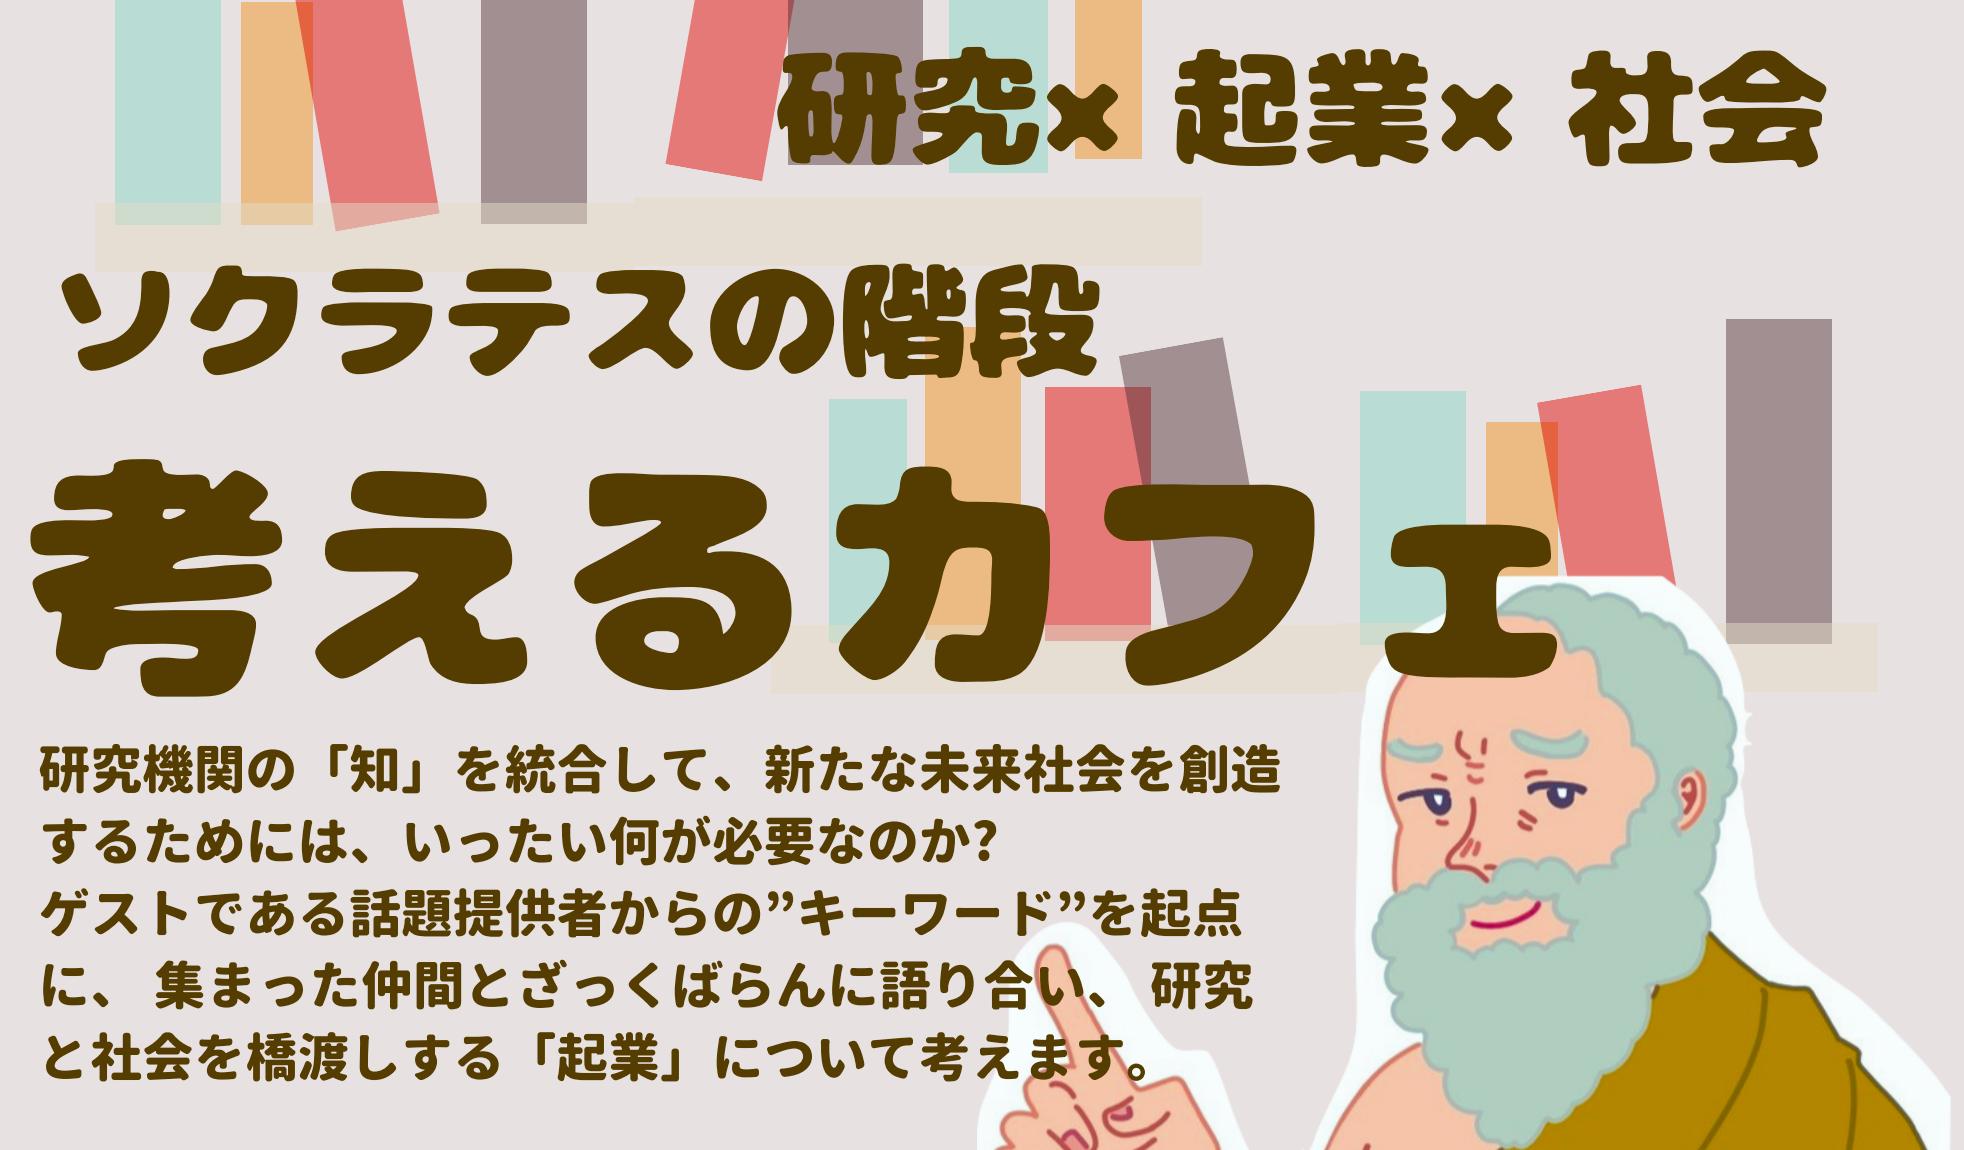 オンラインイベント『考えるカフェ~研究×起業×社会~』参加者募集!